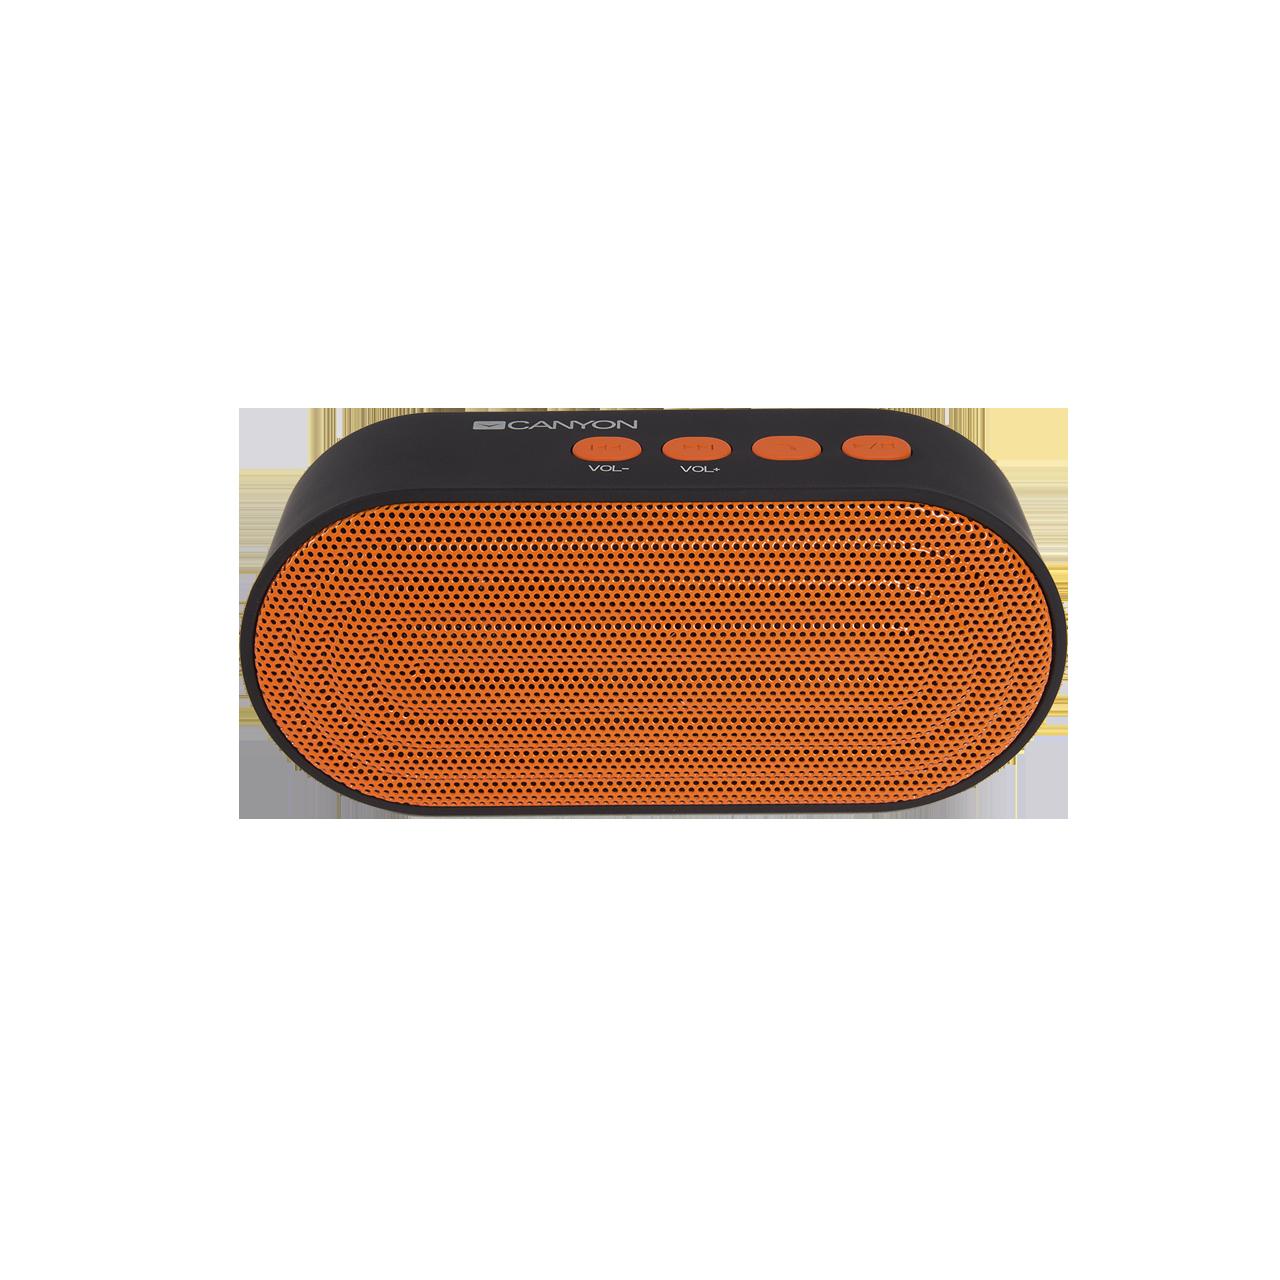 Boxa portabila Canyon CNE-CBTSP3BO Bluetooth Portocaliu